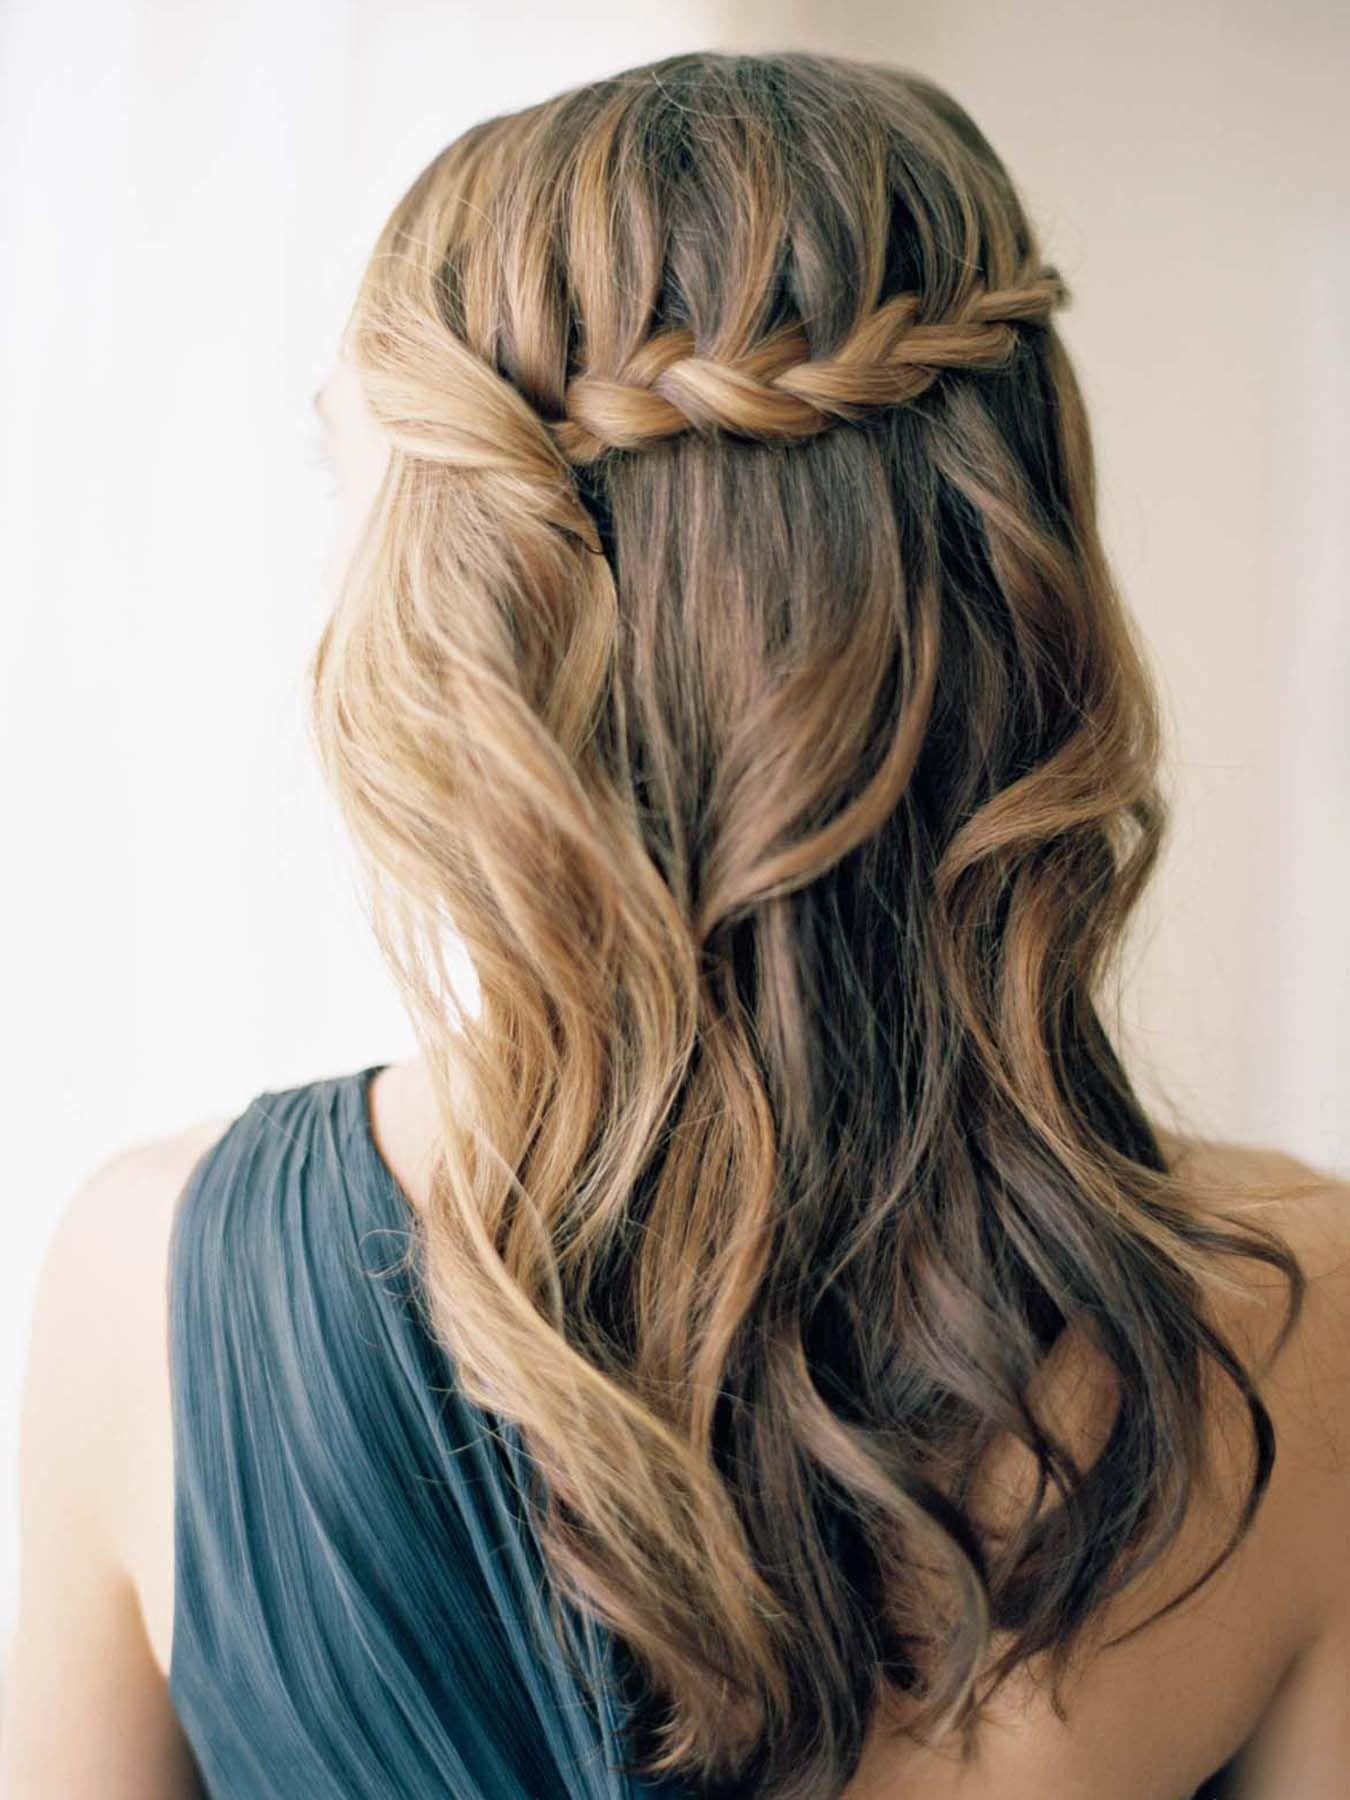 Braided hair pinterest braided waves bridesmaid hair and wedding